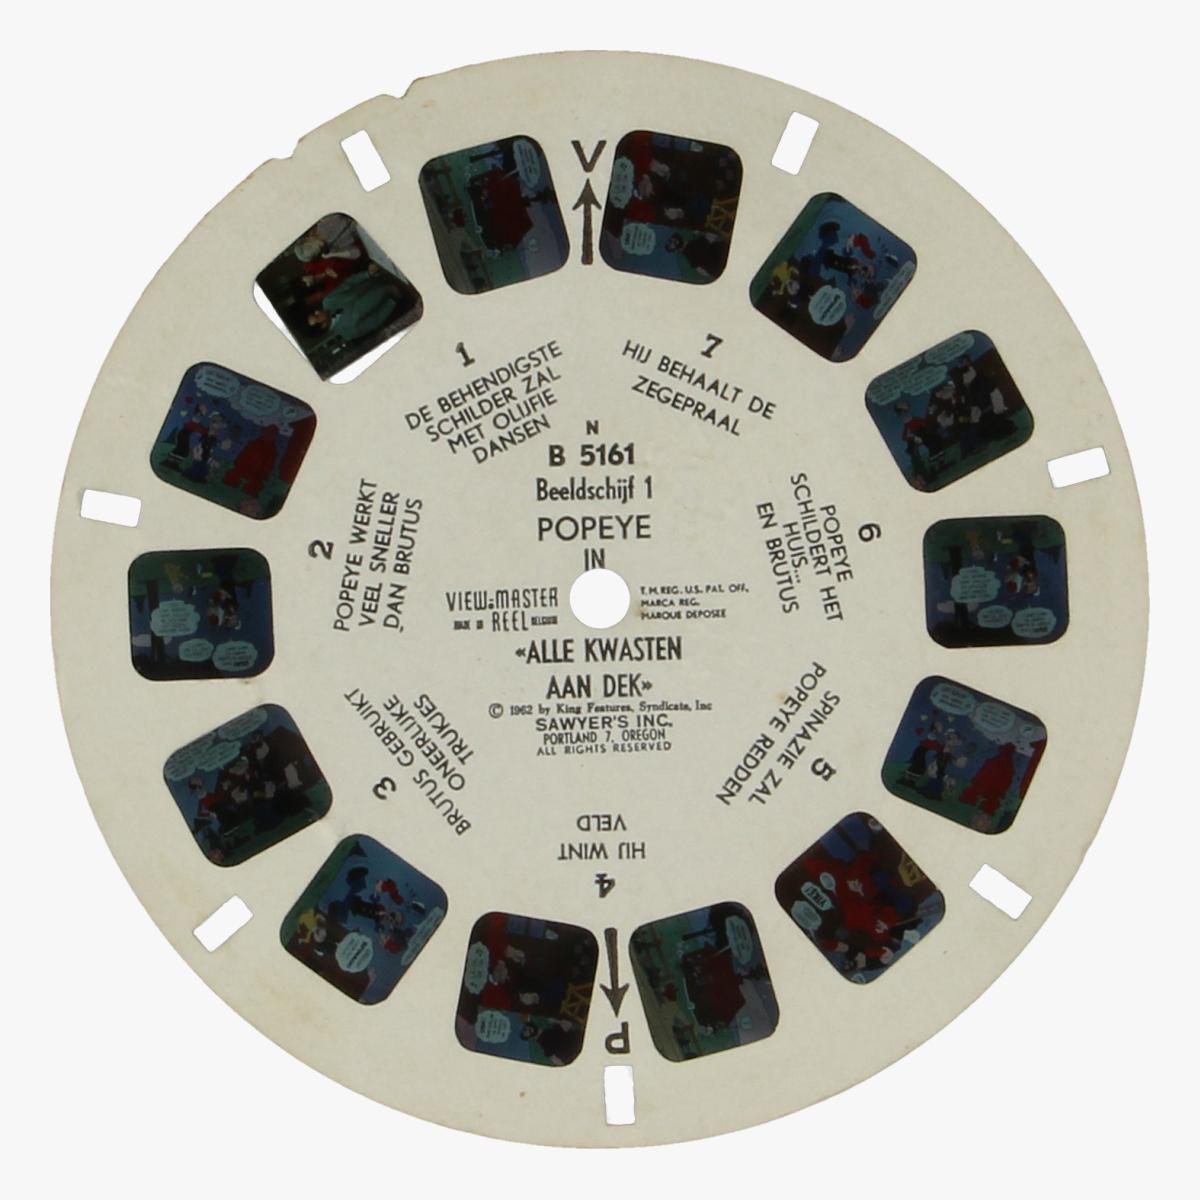 Afbeeldingen van View-Master Popeye. Alle Kwasten aan dek. 1962. Nr. B 5161 Beeldschijf 1